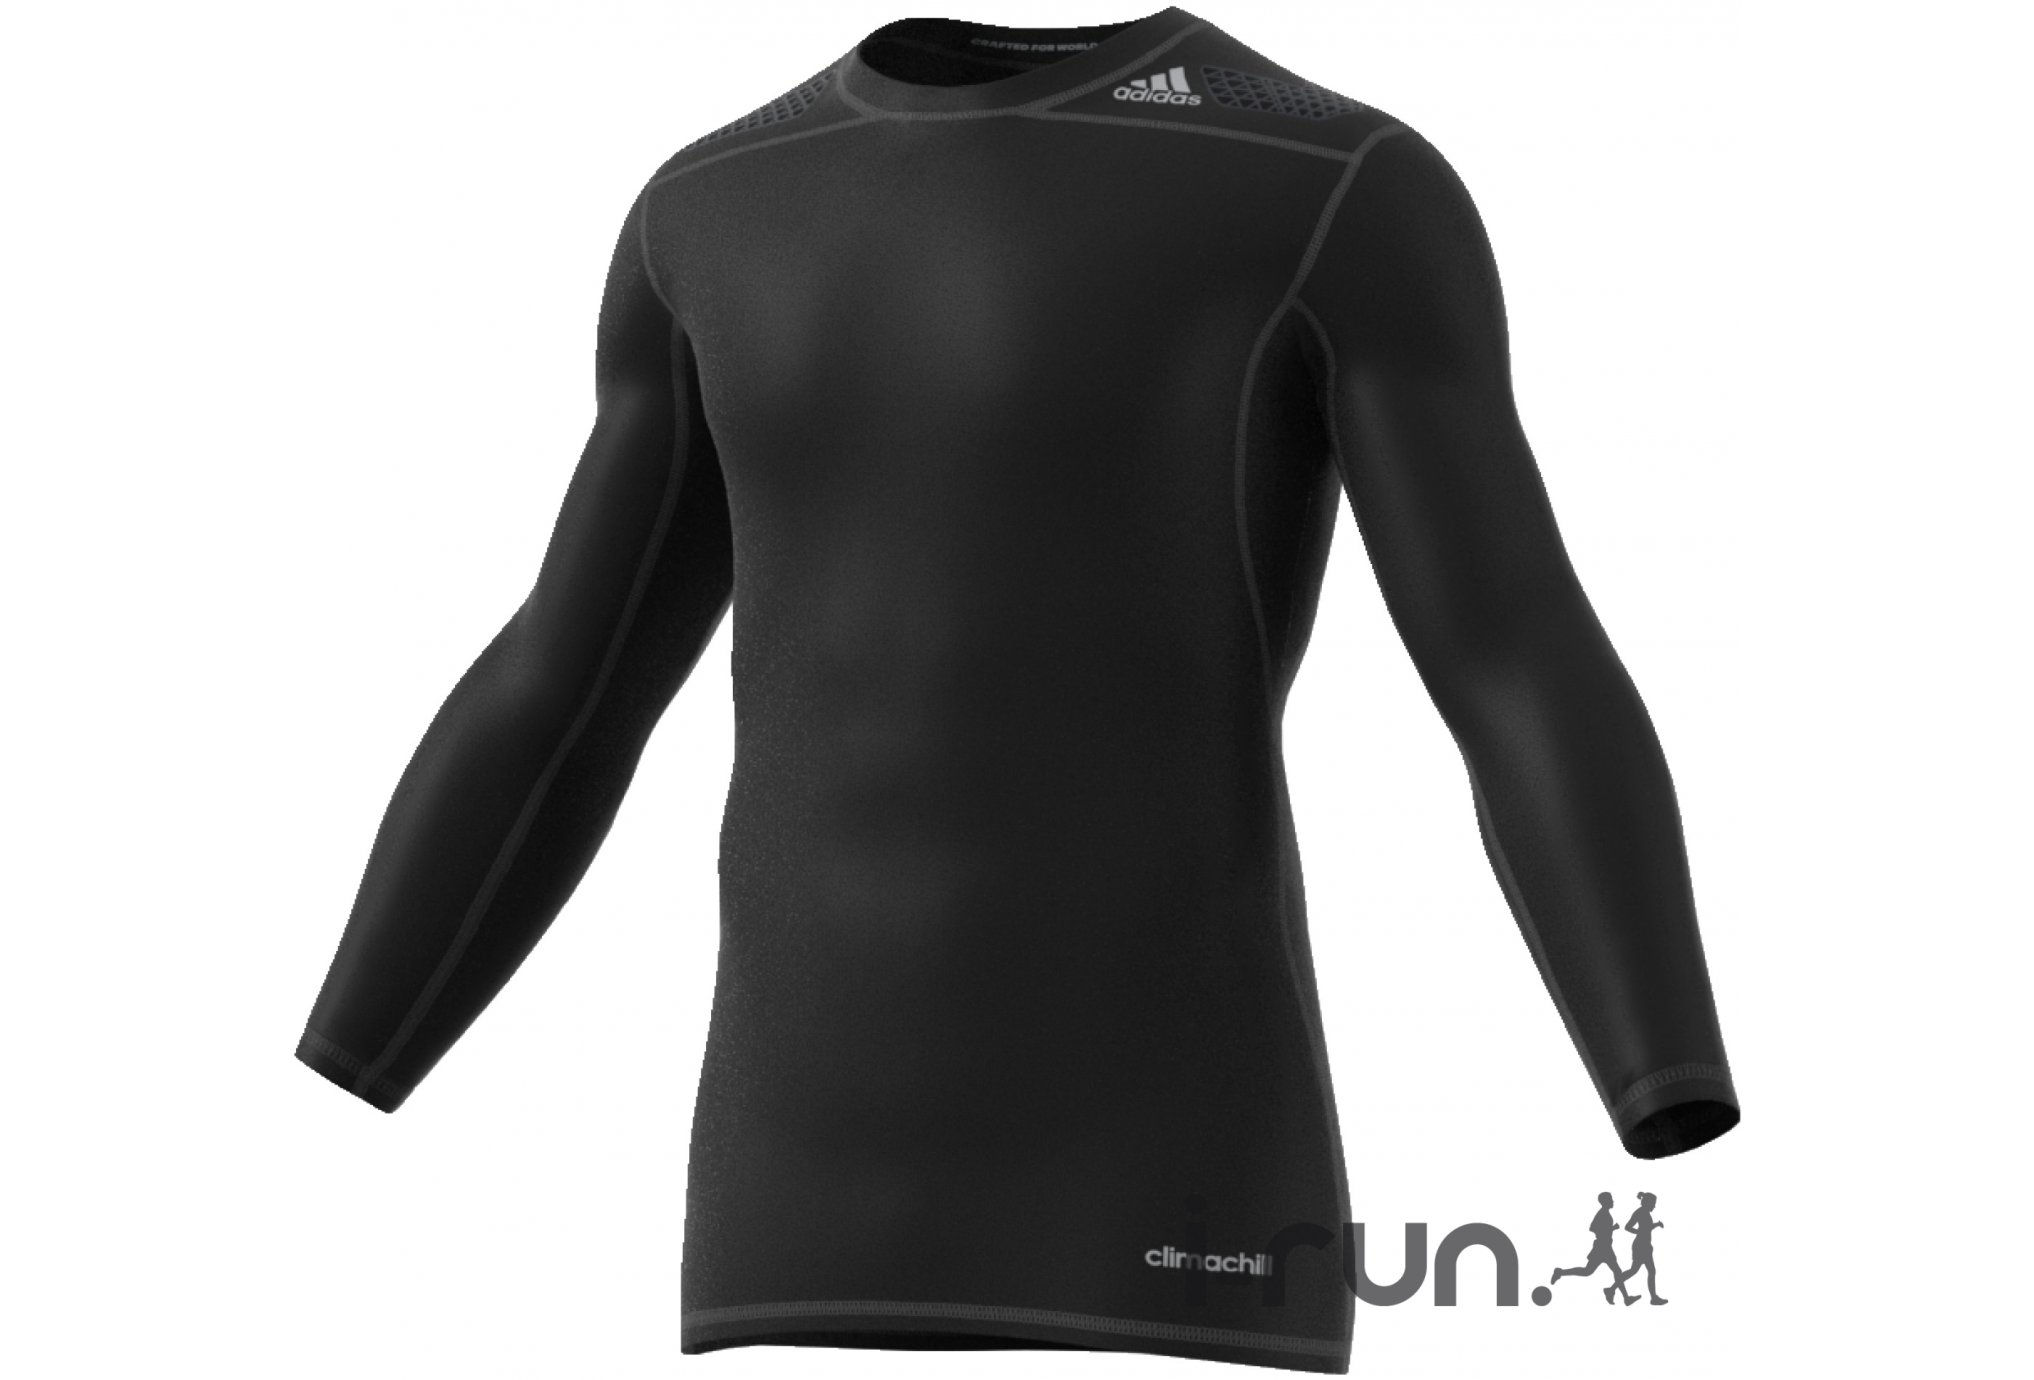 Adidas Maillot techfit power m vêtement running homme